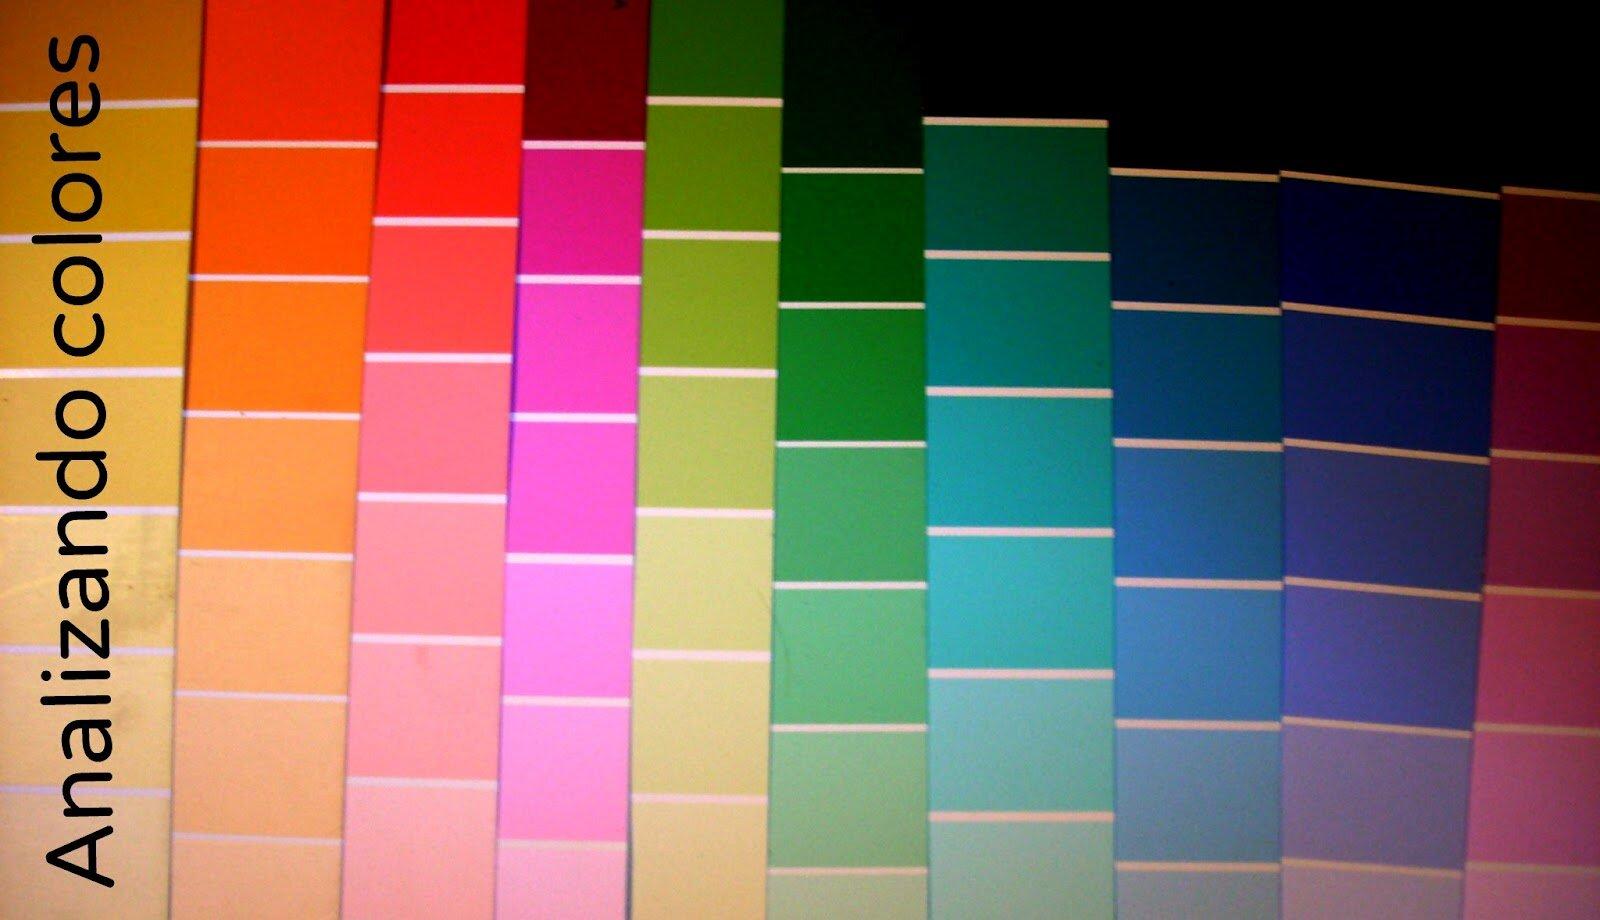 Pintureria colores pintureria1 twitter for Muestrario colores pintura